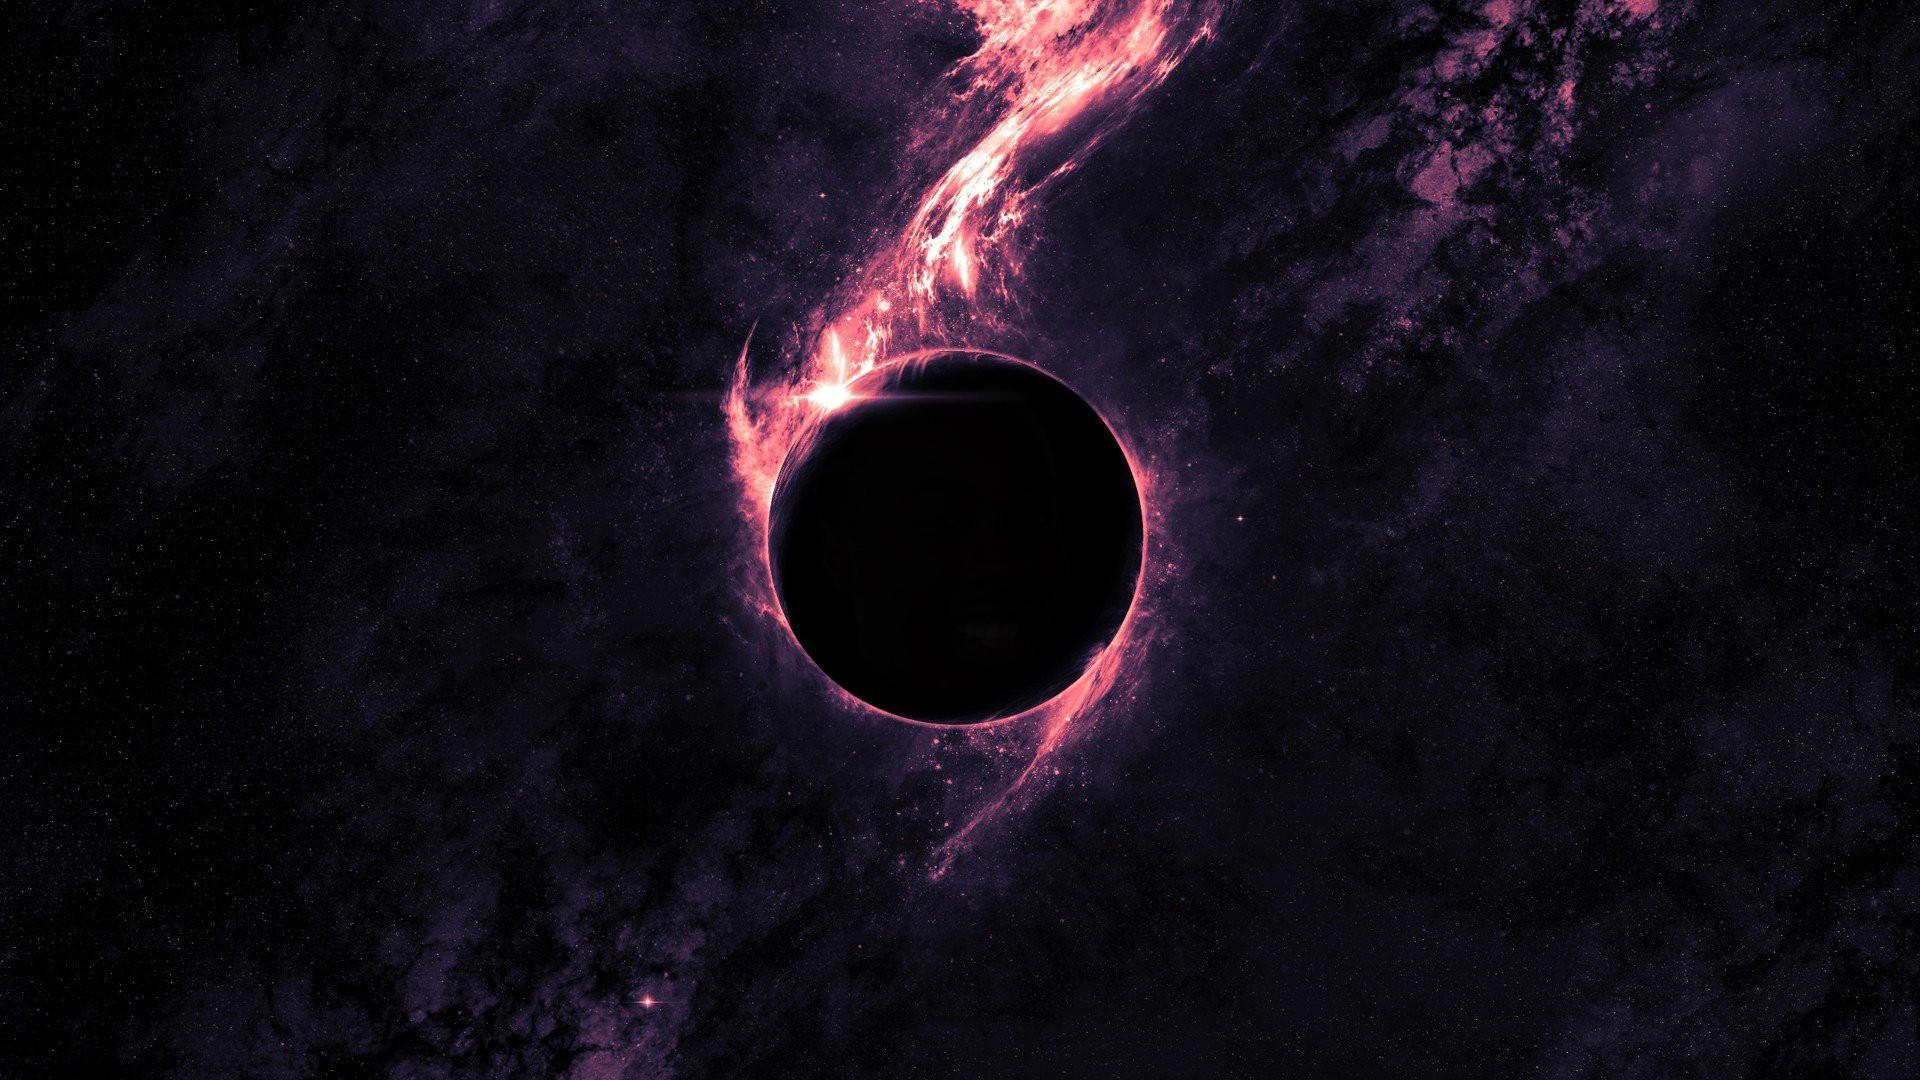 Không có gì bất thường, chỉ là một bức ảnh được chỉnh sửa khá công phu về hiệu ứng màu sắc giống một ngôi sao nào đó trong bối cảnh vũ trụ ...